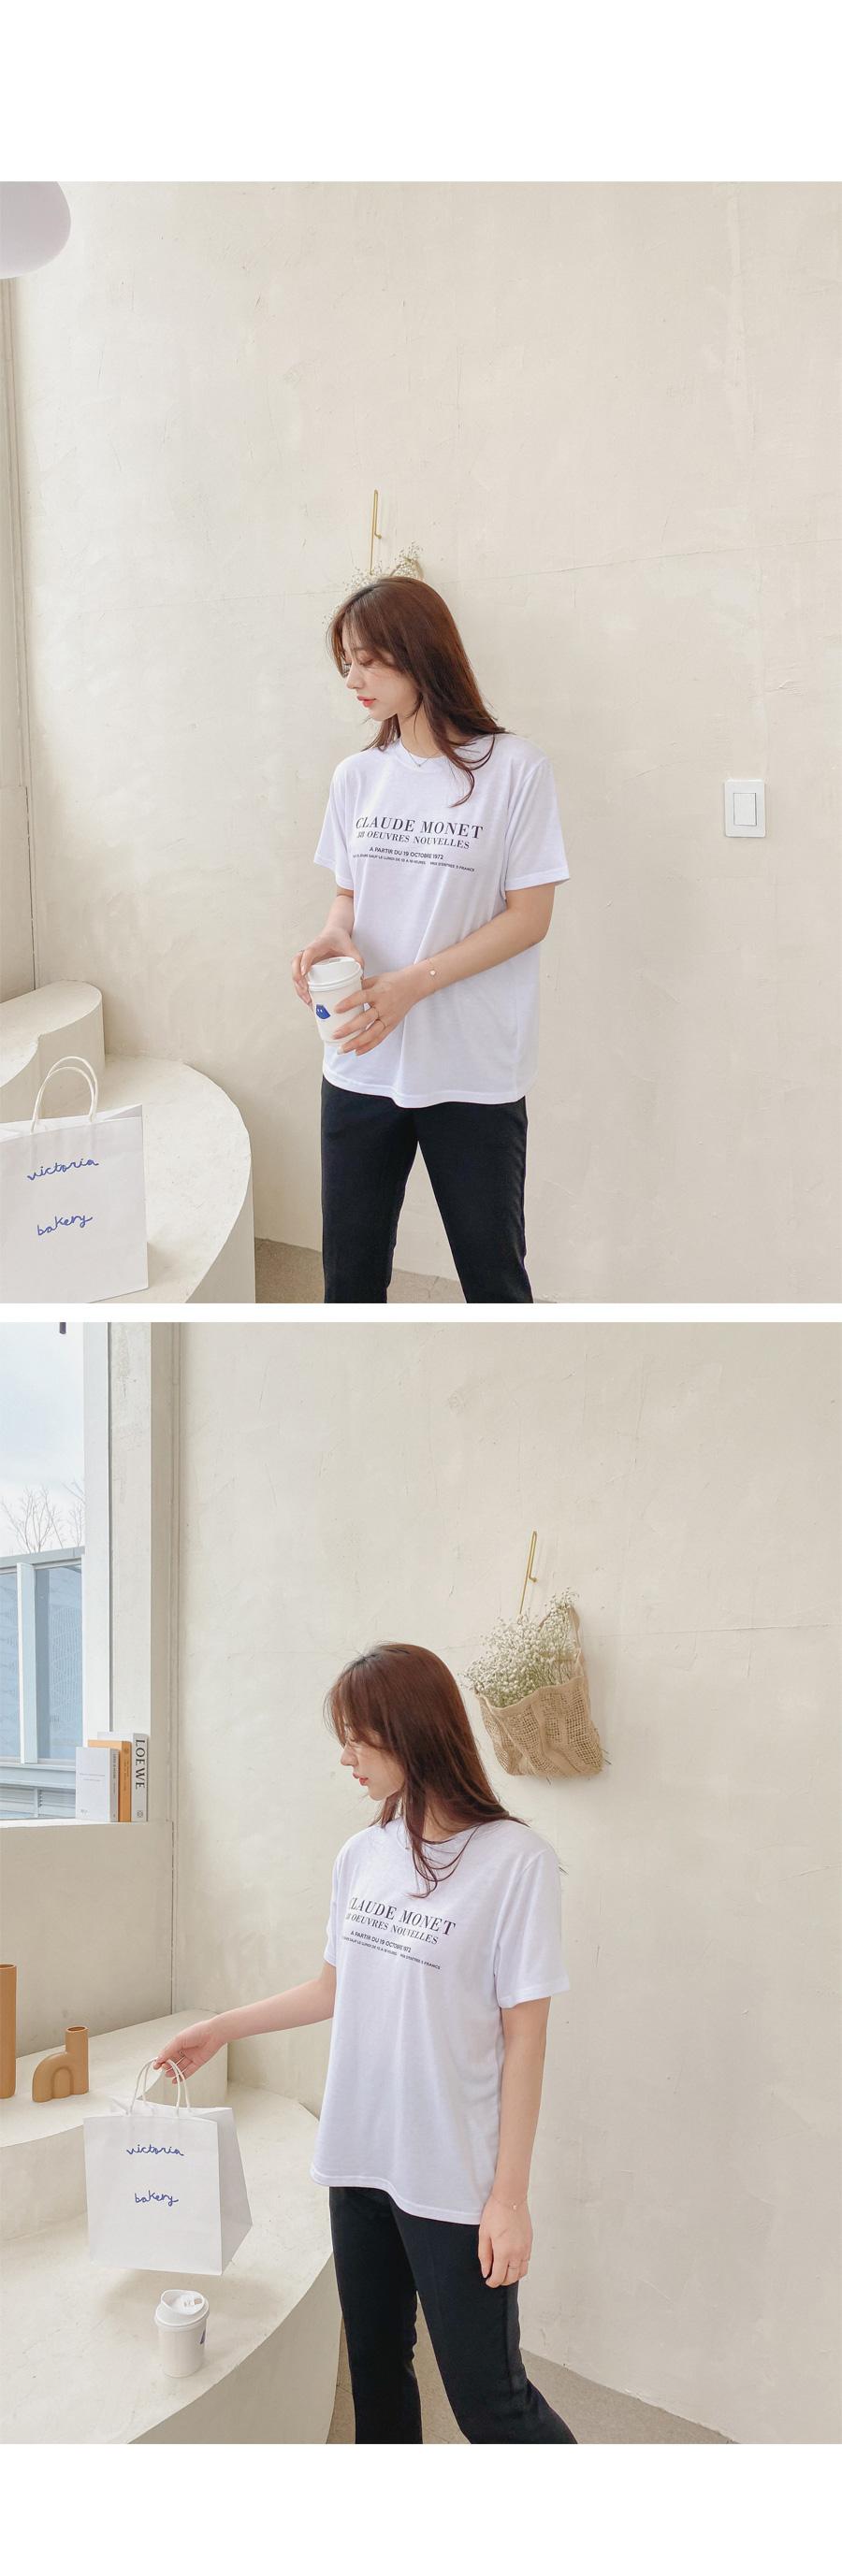 Jour Silky Short Sleeve T-shirt